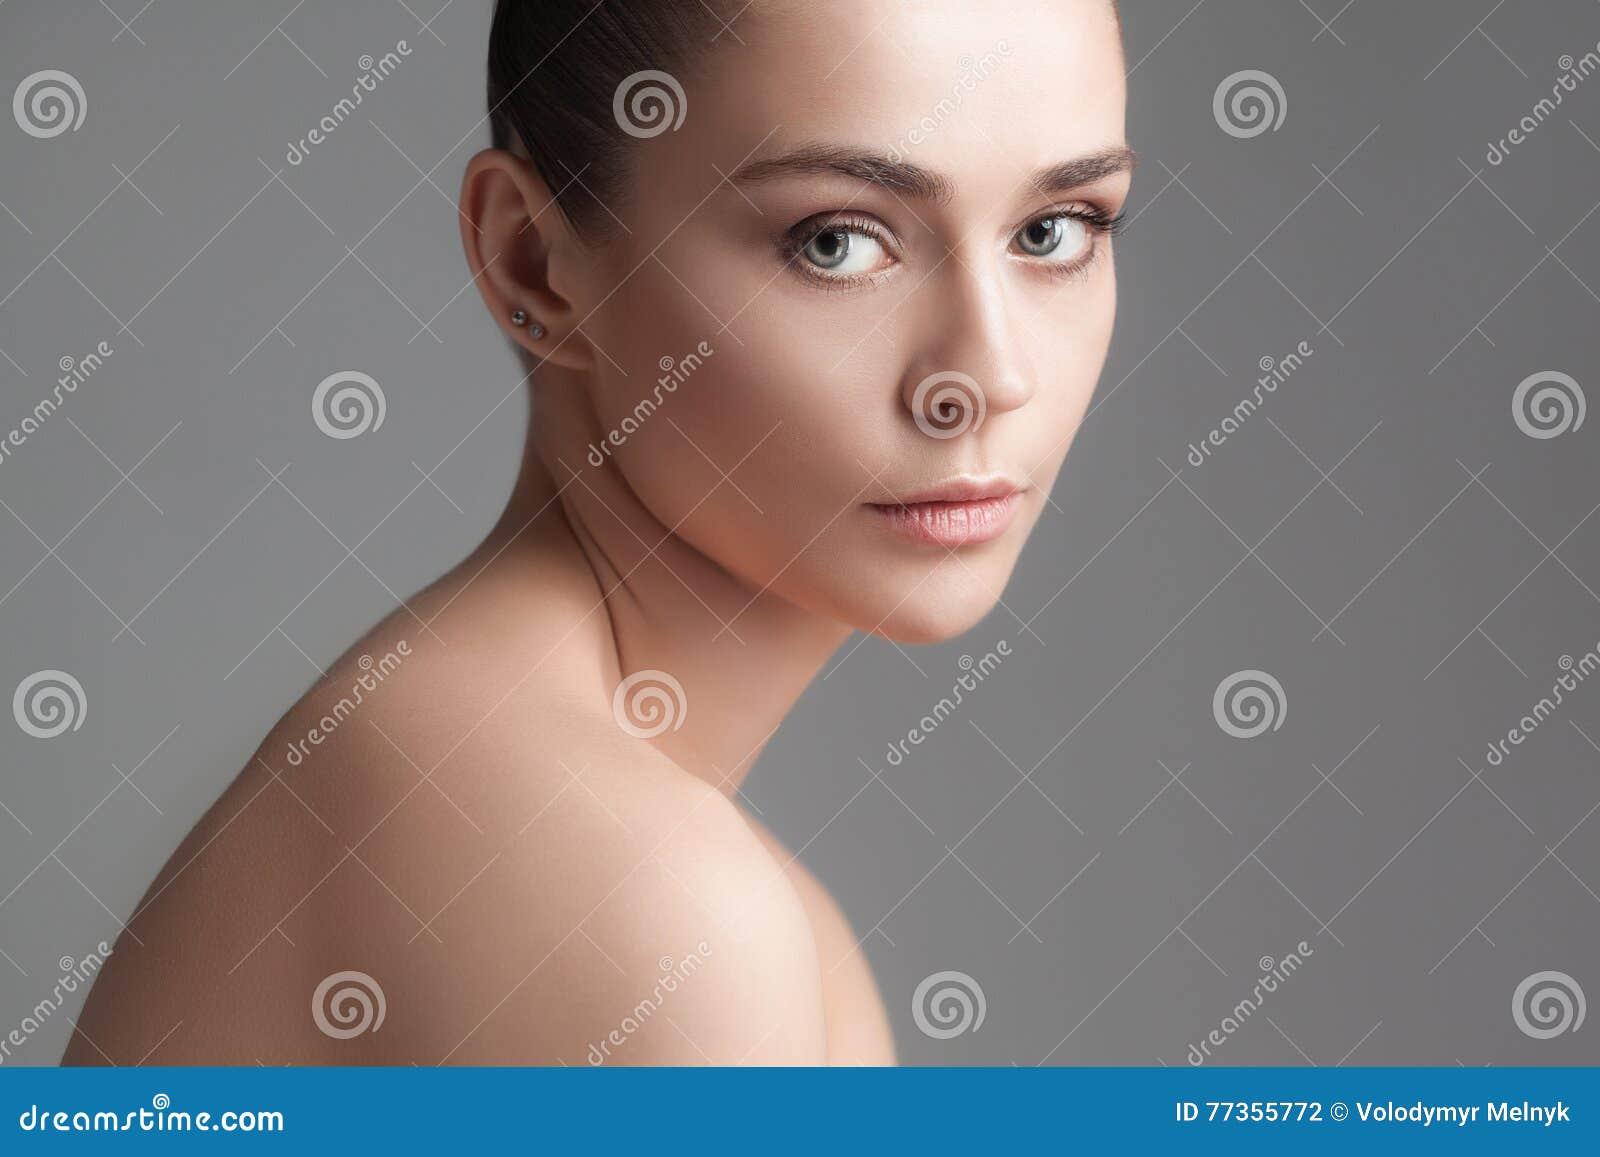 Piękna dziewczyna twarzy idealna skóra